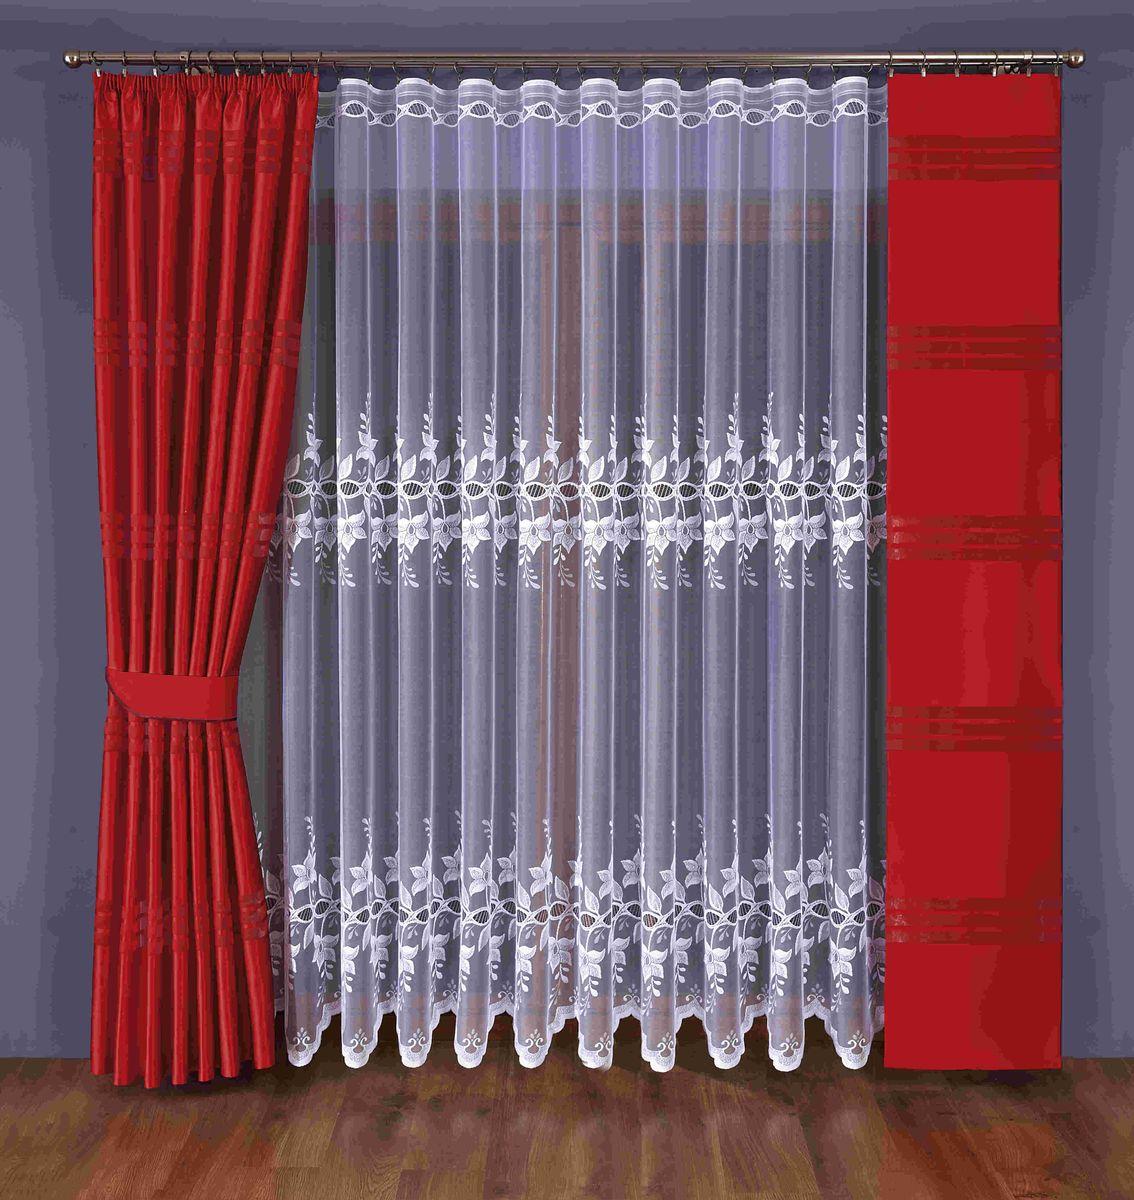 Комплект штор Wisan Eunika, на ленте, цвет: белый, красный, высота 245 см351 WКомплект штор Wisan Eunika выполненный из полиэстера, великолепно украсит любое окно. В комплект входят 2 плотные шторы, тюль и 1 подхват.Оригинальный и яркий дизайн придает комплекту особый стиль и шарм. Качественный материал и тонкое плетение, нежная цветовая гамма и роскошное исполнение - все это делает шторы Wisan Eunika замечательным дополнением интерьера помещения.Комплект оснащен шторной лентой для красивой сборки. В комплект входит: Тюль - 1 шт. Размер (ШхВ): 400 см х 245 см.Штора - 1 шт. Размер (ШхВ): 170 см х 245 см.Штора - 1 шт. Размер (ШхВ): 40 см х 245 см.Подхват - 1 шт. Фирма Wisan на польском рынке существует уже более пятидесяти лет и является одной из лучших польских фабрик по производству штор и тканей. Ассортимент фирмы представлен готовыми комплектами штор для гостиной, детской, кухни, а также текстилем для кухни (скатерти, салфетки, дорожки, кухонные занавески). Модельный ряд отличает оригинальный дизайн, высокое качество. Ассортимент продукции постоянно пополняется.